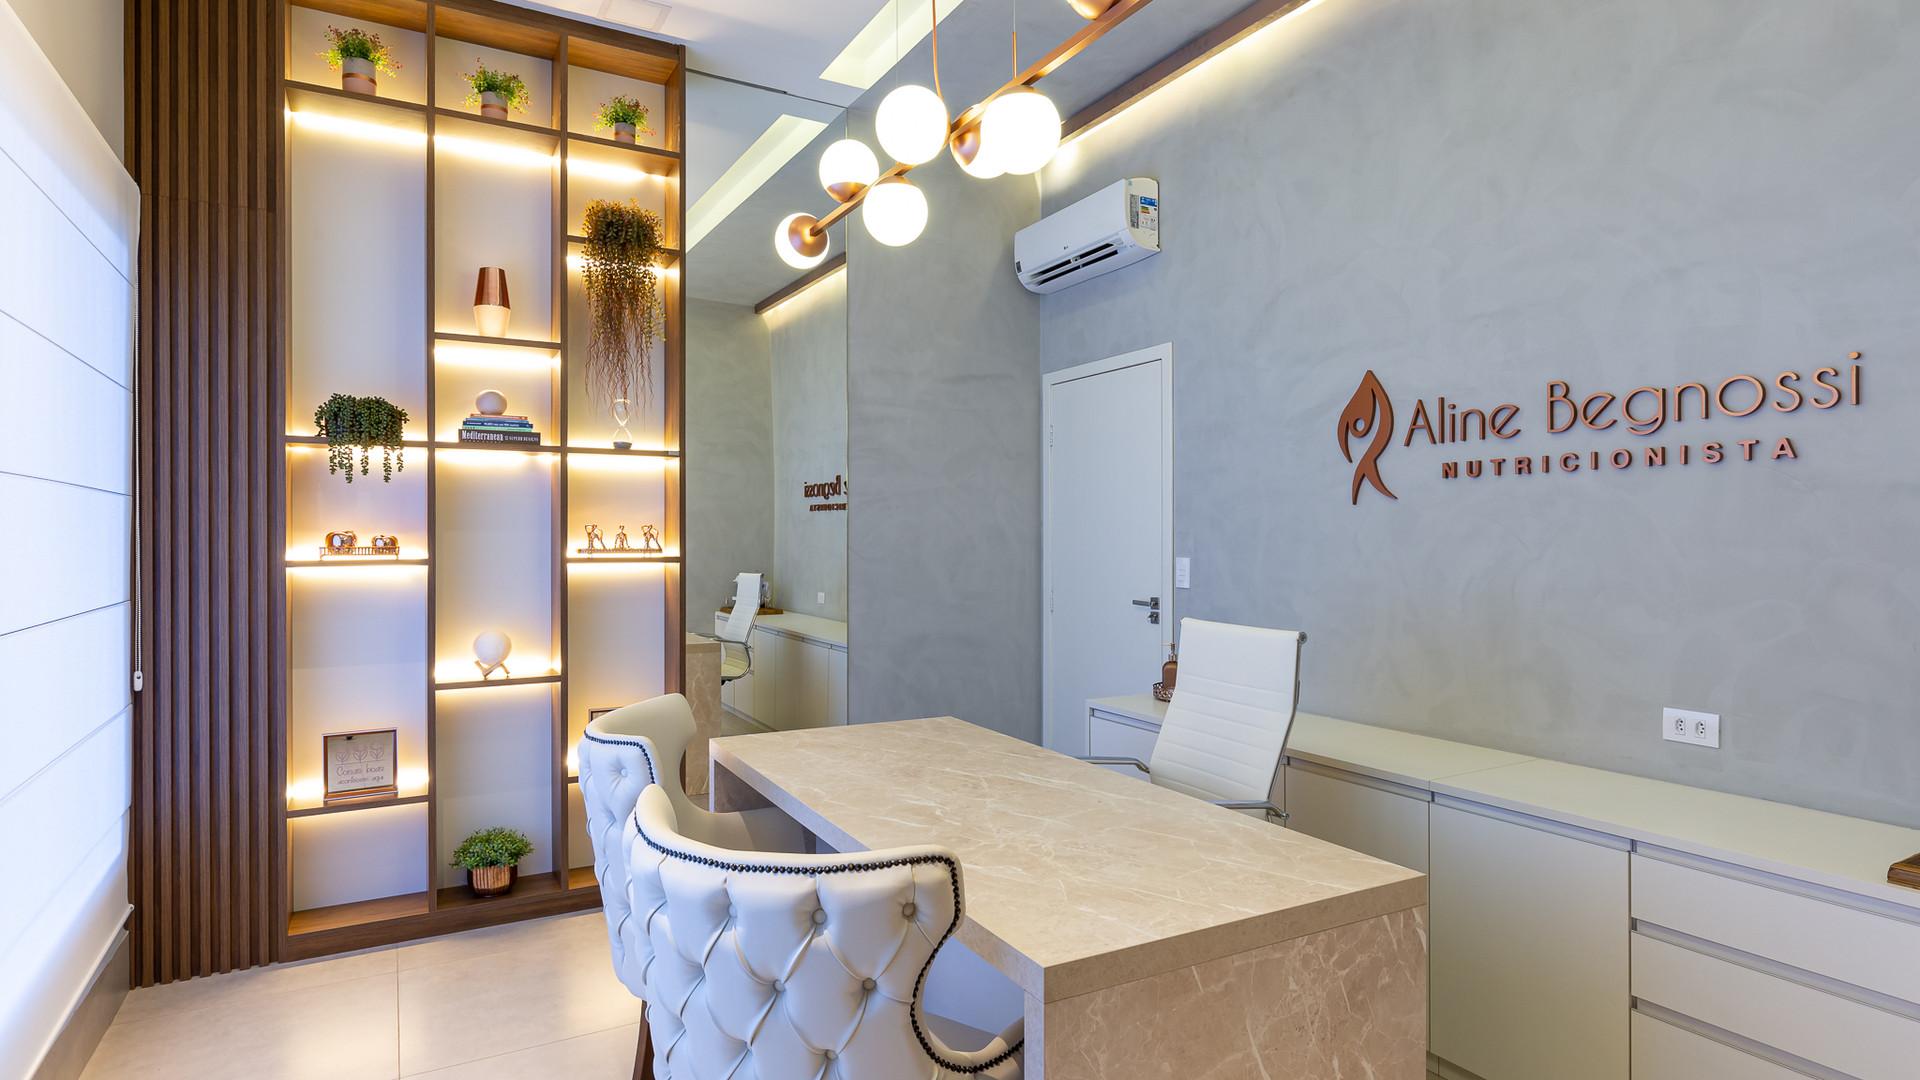 AAC-Aline Begnossi-WEB-3.jpg